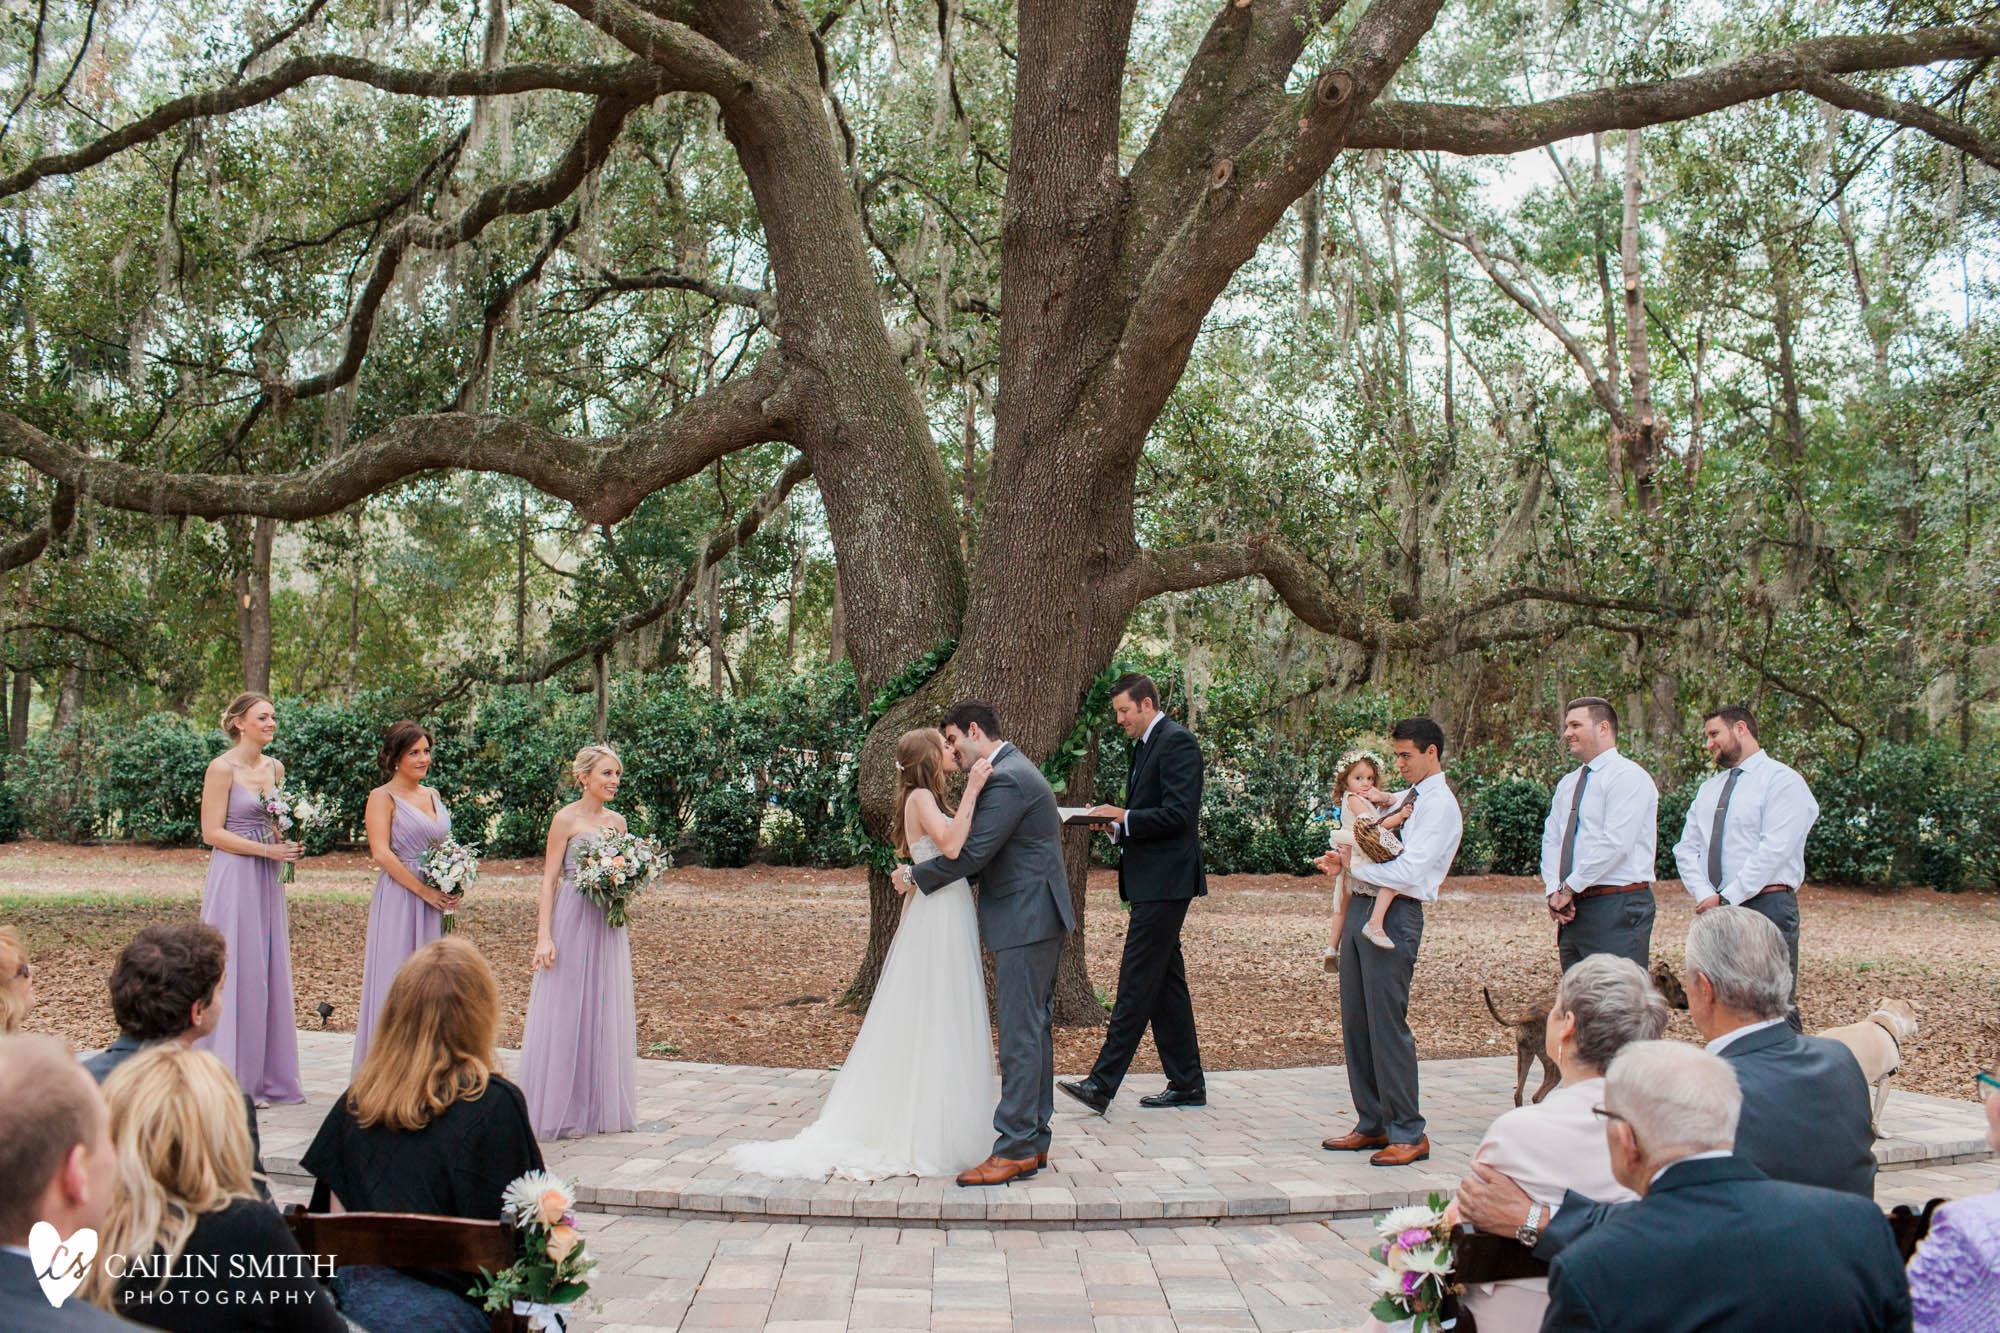 Sylvia_Anthony_Bowing_Oaks_Plantation_Wedding_Photography_0053.jpg